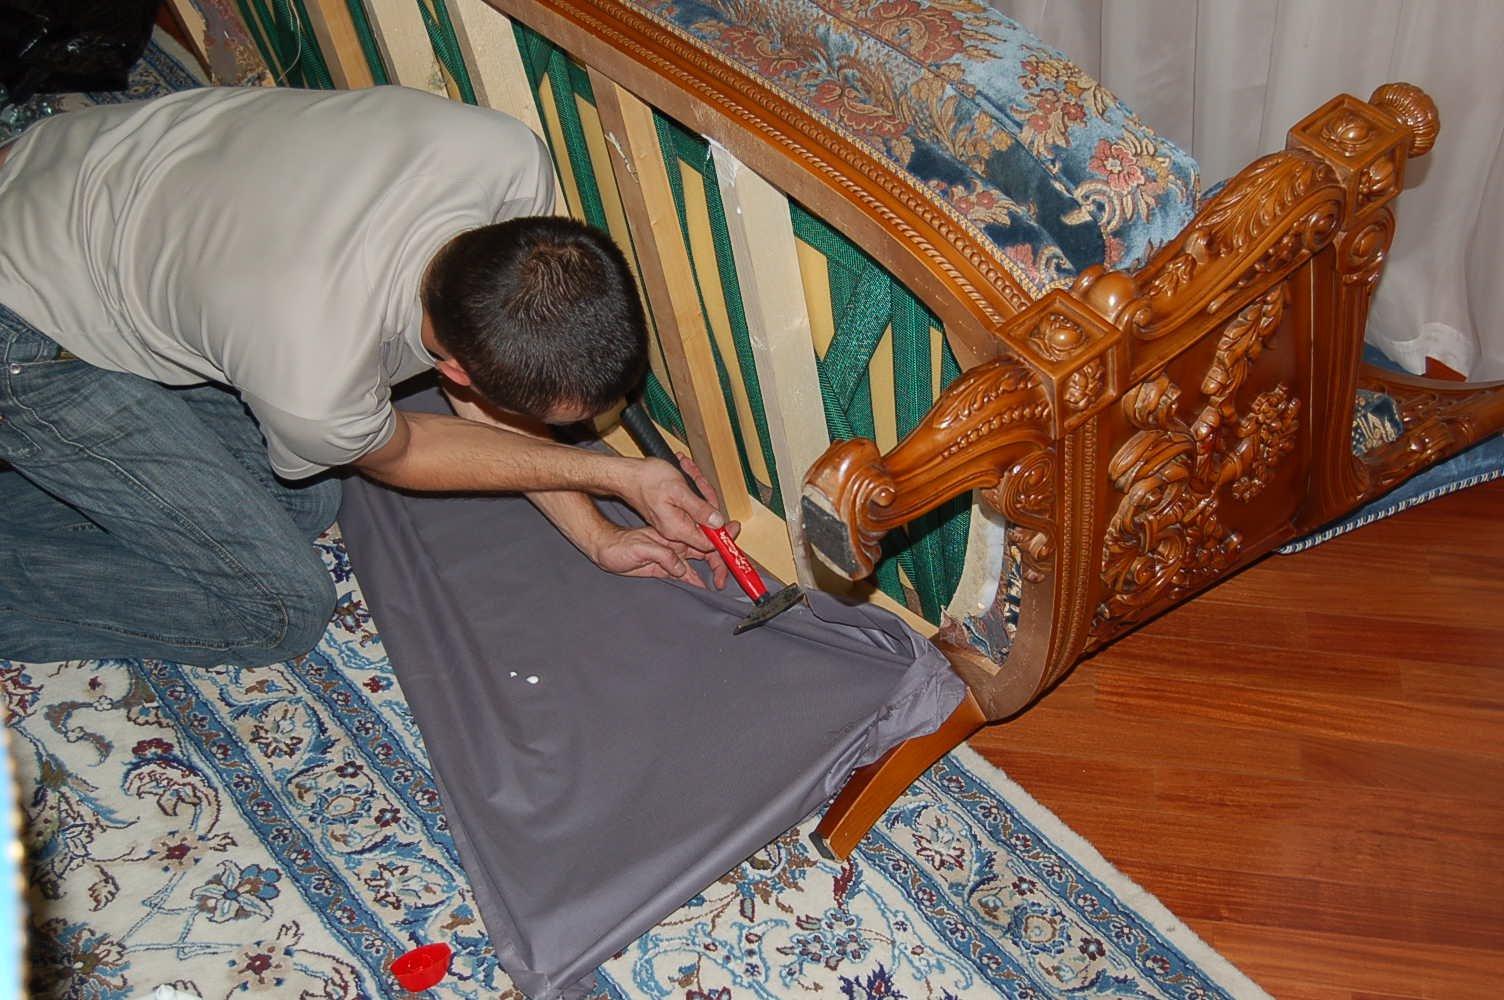 Перетяжка мебели: как подарить вторую жизнь креслу или дивану и неплохо сэкономить - Лайфхакер